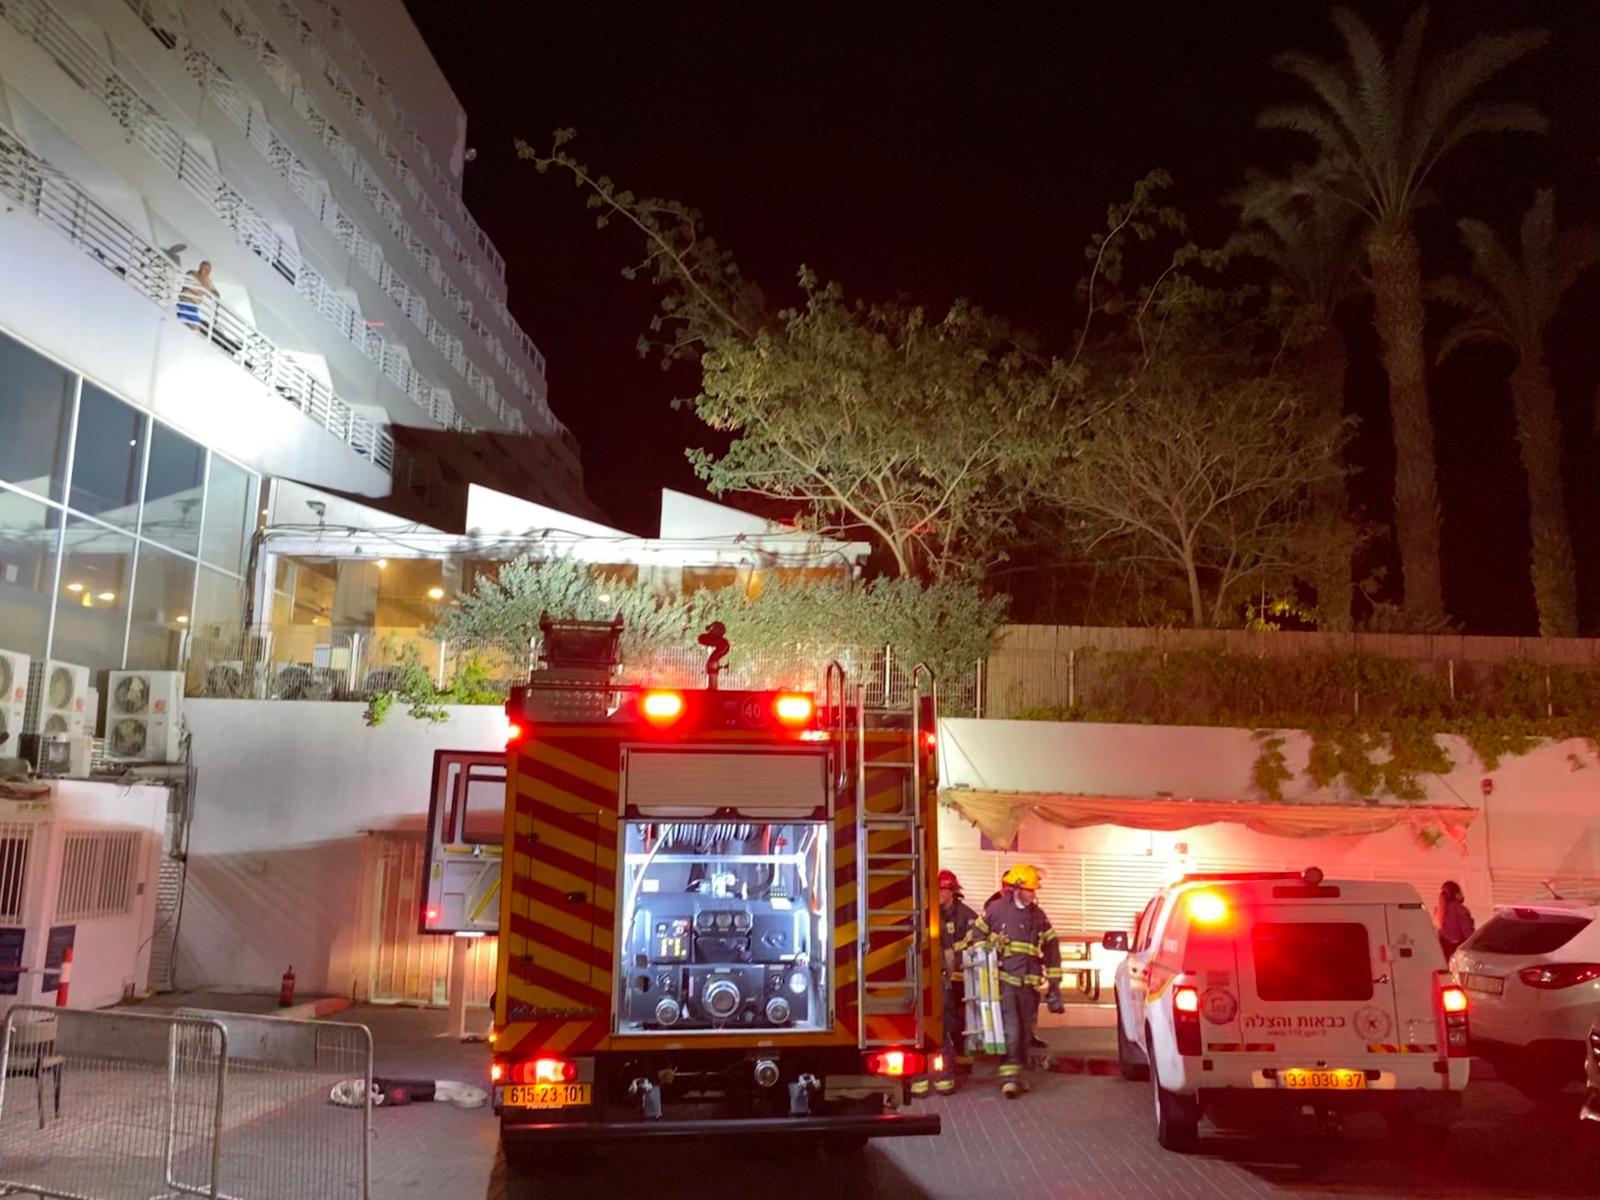 שריפה במלון באילת